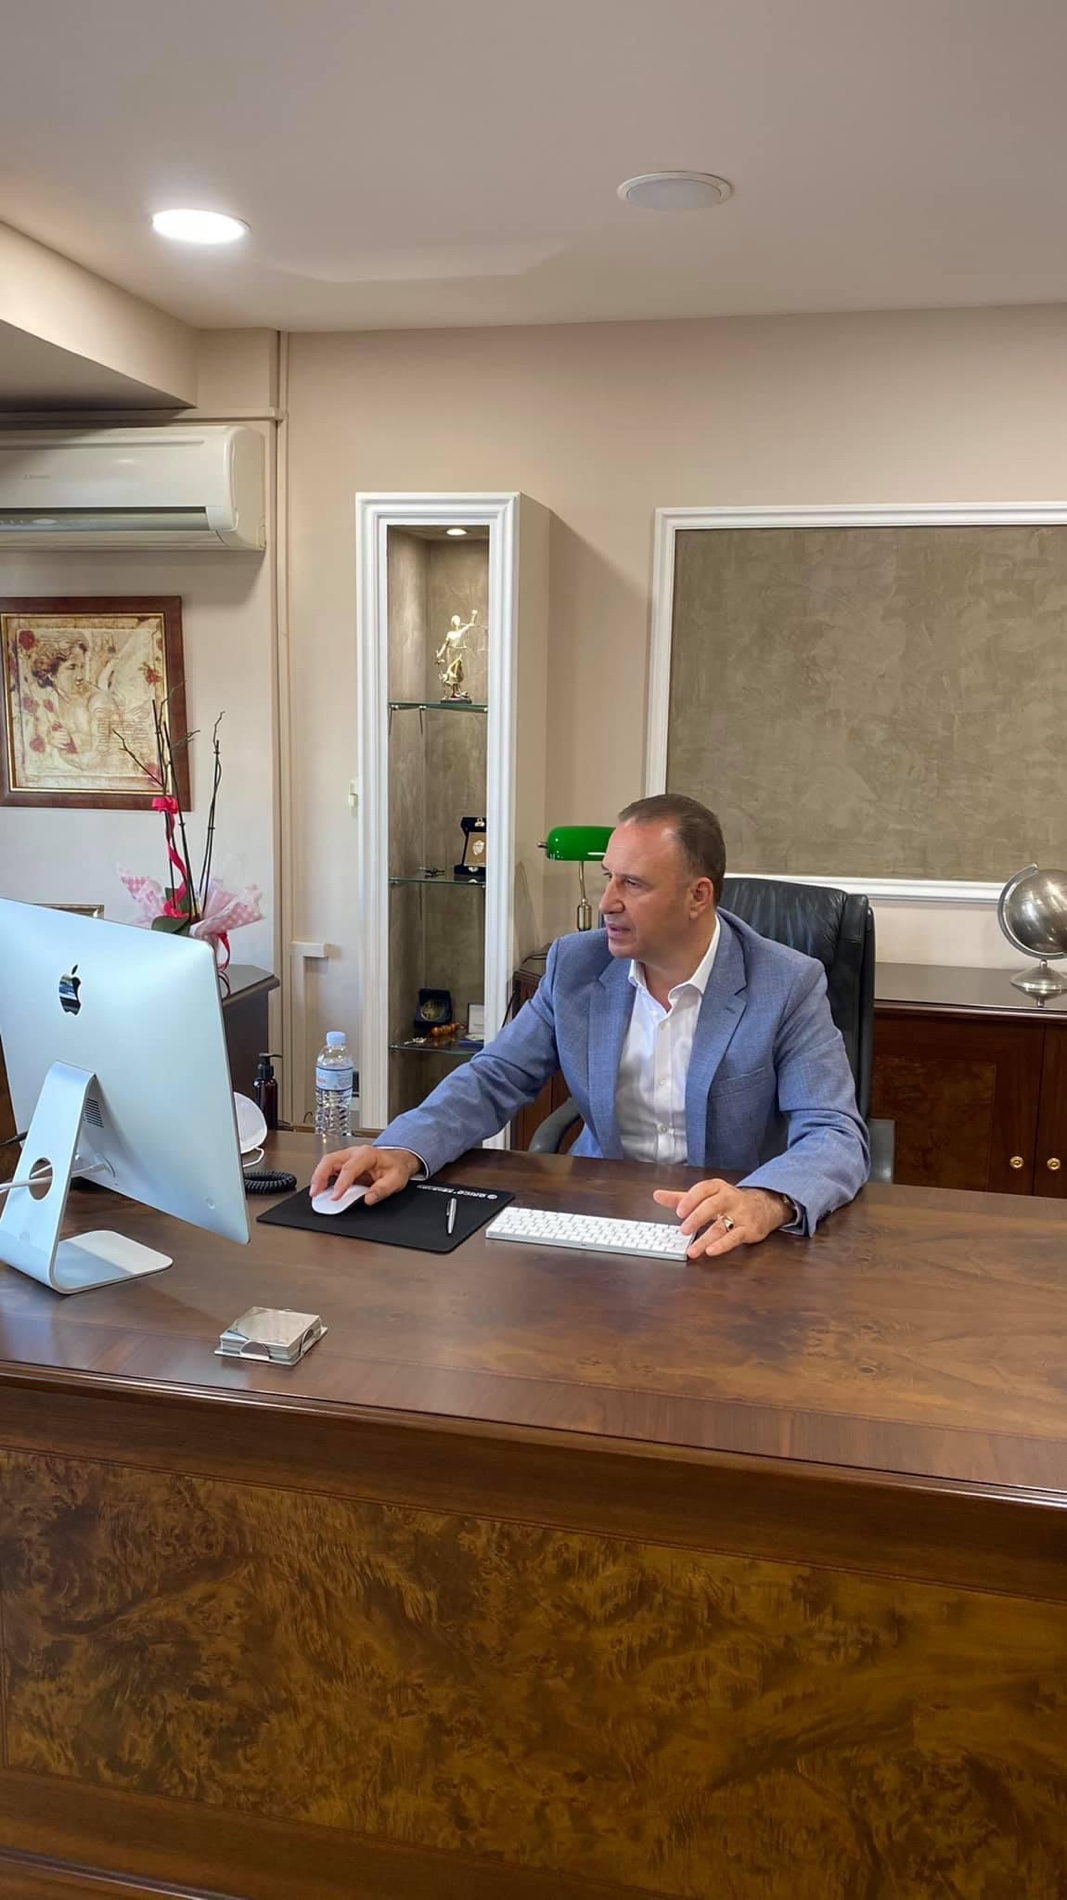 Φίλιππος-Αναστασιάδης:-Οι-προγραμματισμένοι-διαγωνισμοί-έργων-ξεπερνούν-τα-4000.000-e